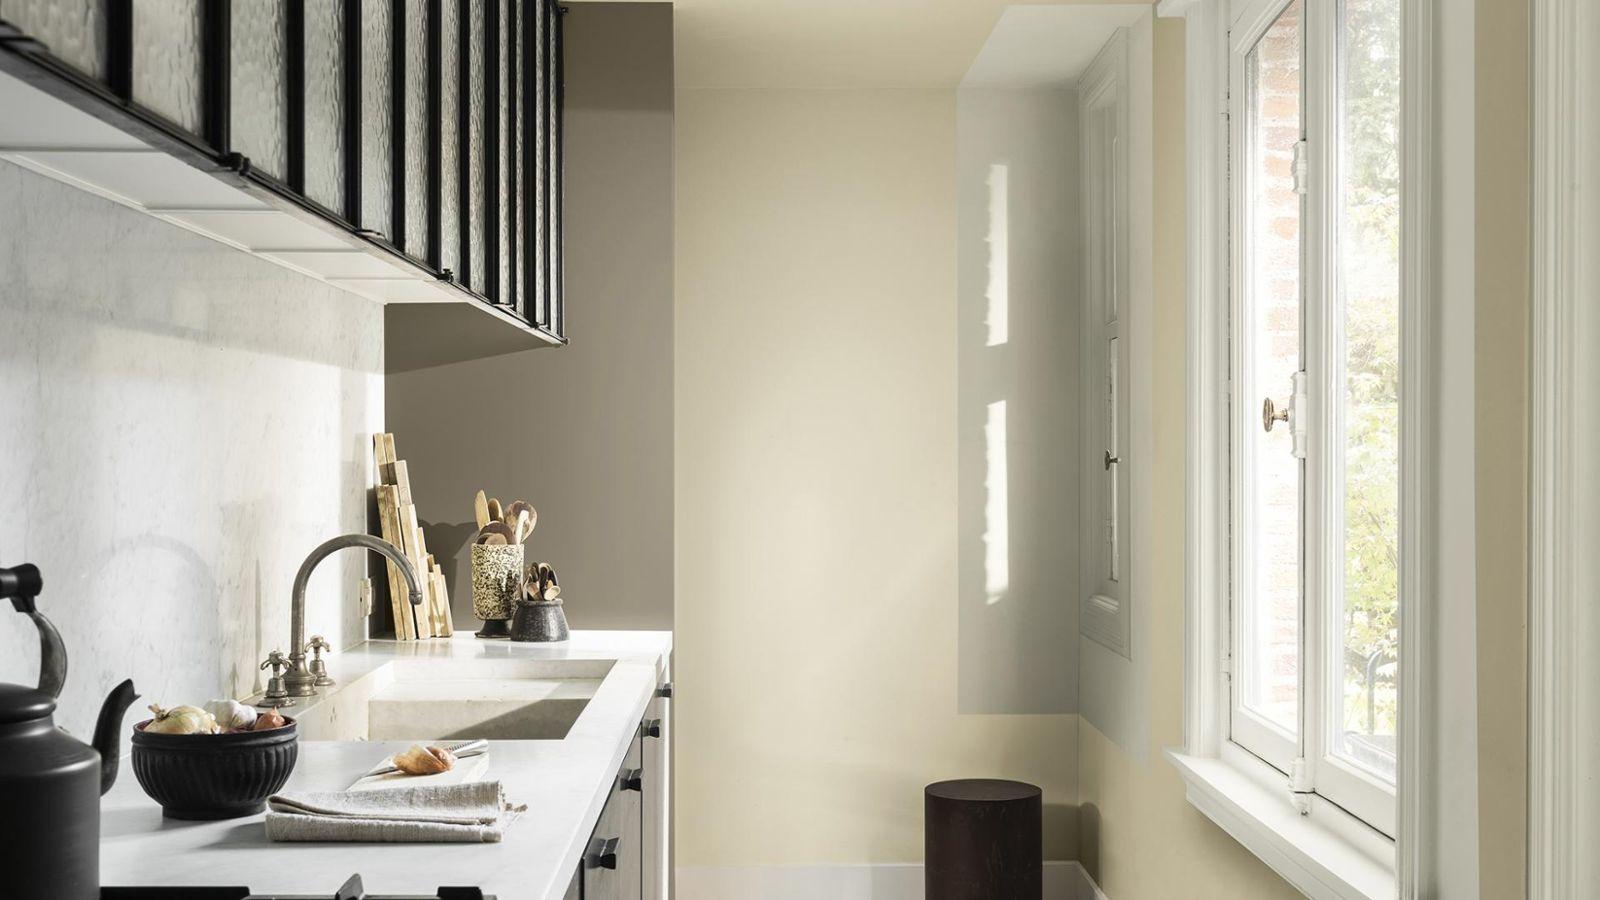 levis-colour-futures-kleur-van-het-jaar-2021-trend-collectie-keuken-inspiratie-belgium-97p.jpg